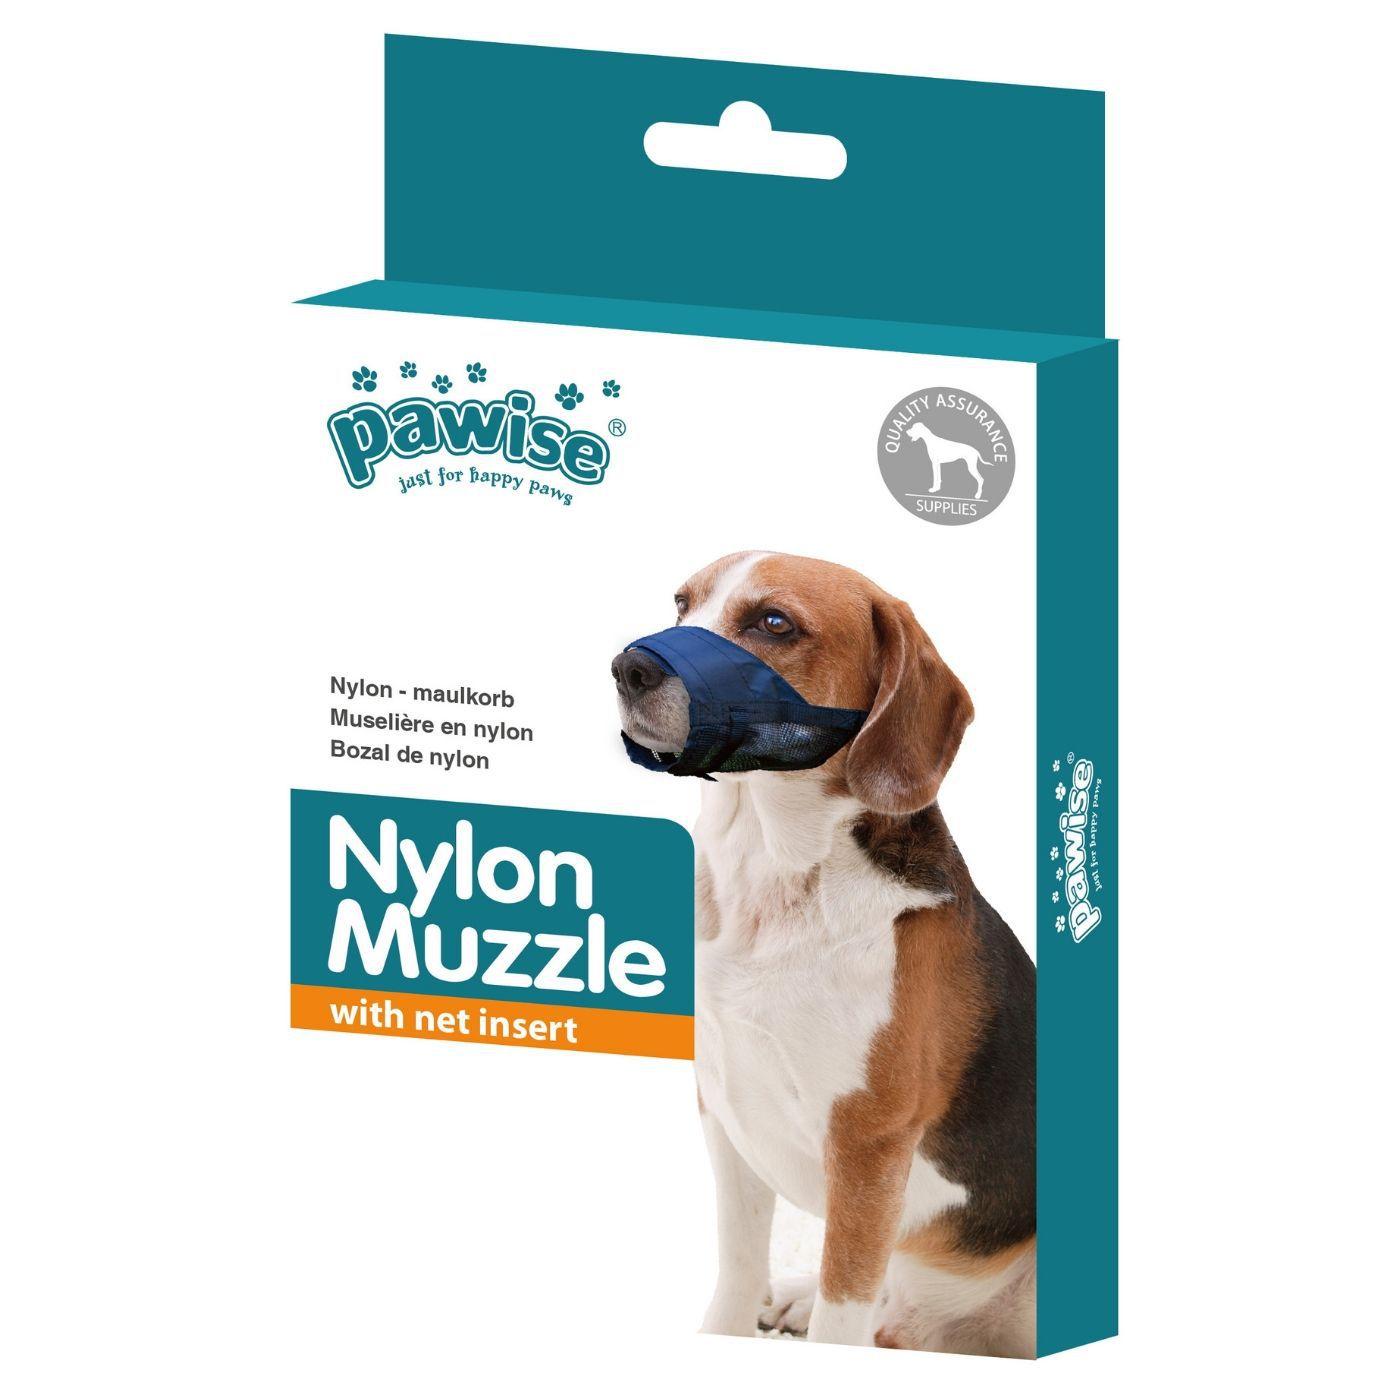 Focinheira para Cachorro em Nylon tam 4 Pawise